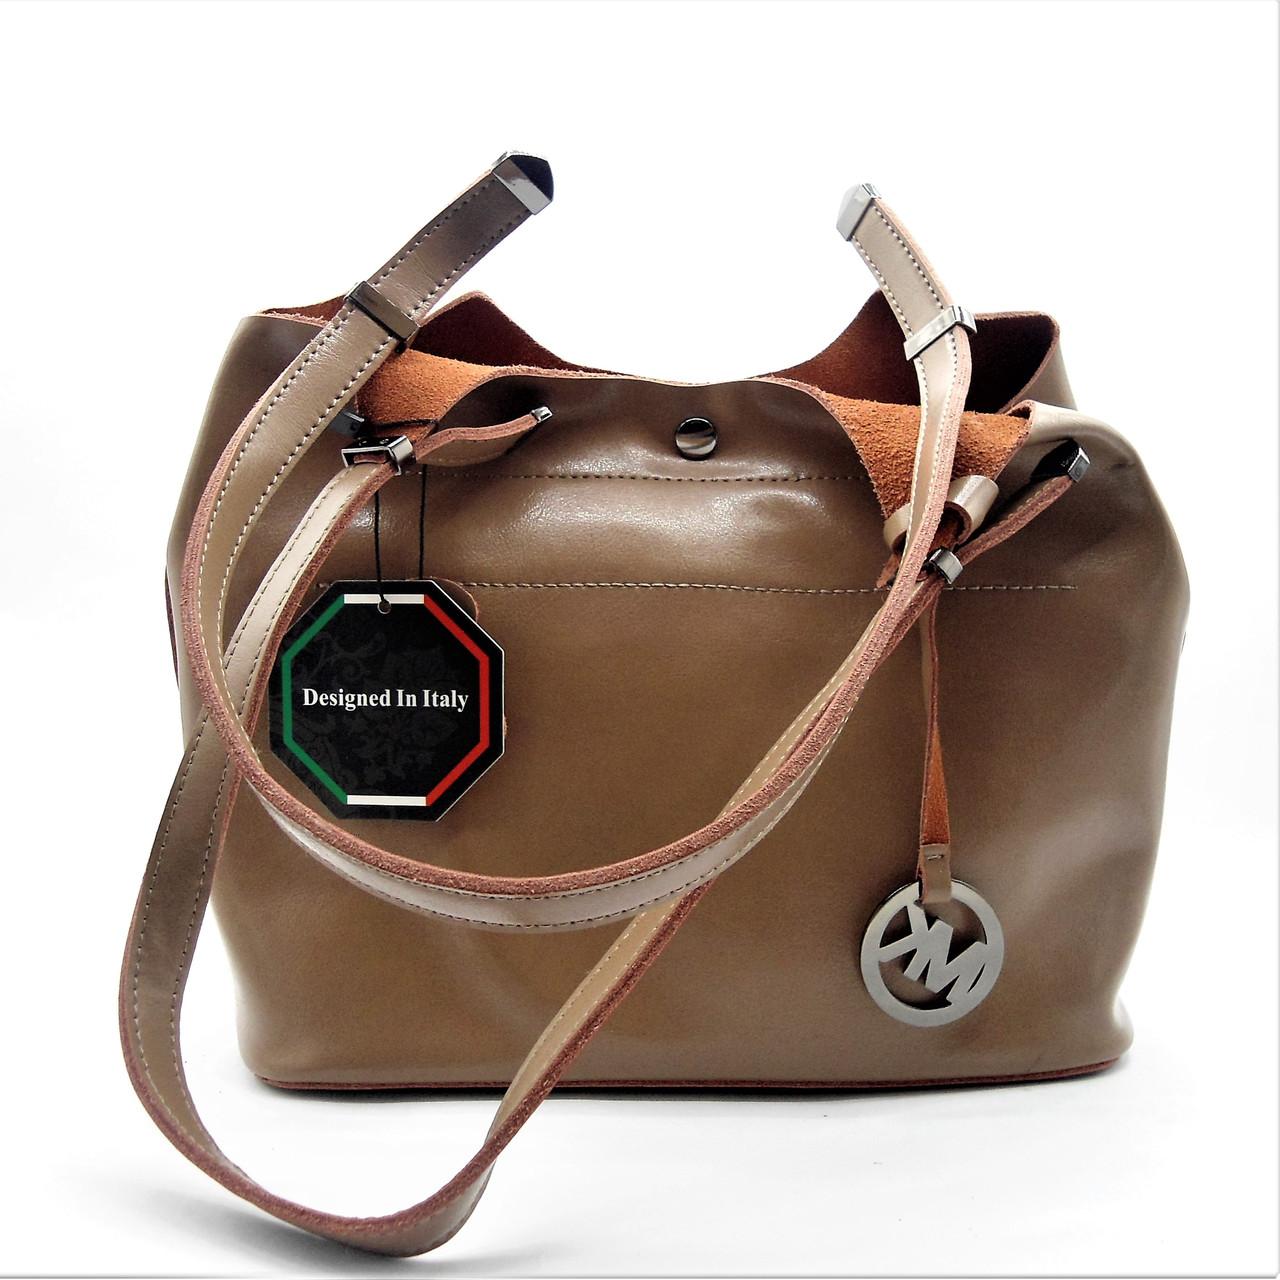 Модная женская сумочка MK из натуральной кожи бежевого цвета NFF-327220, фото 1